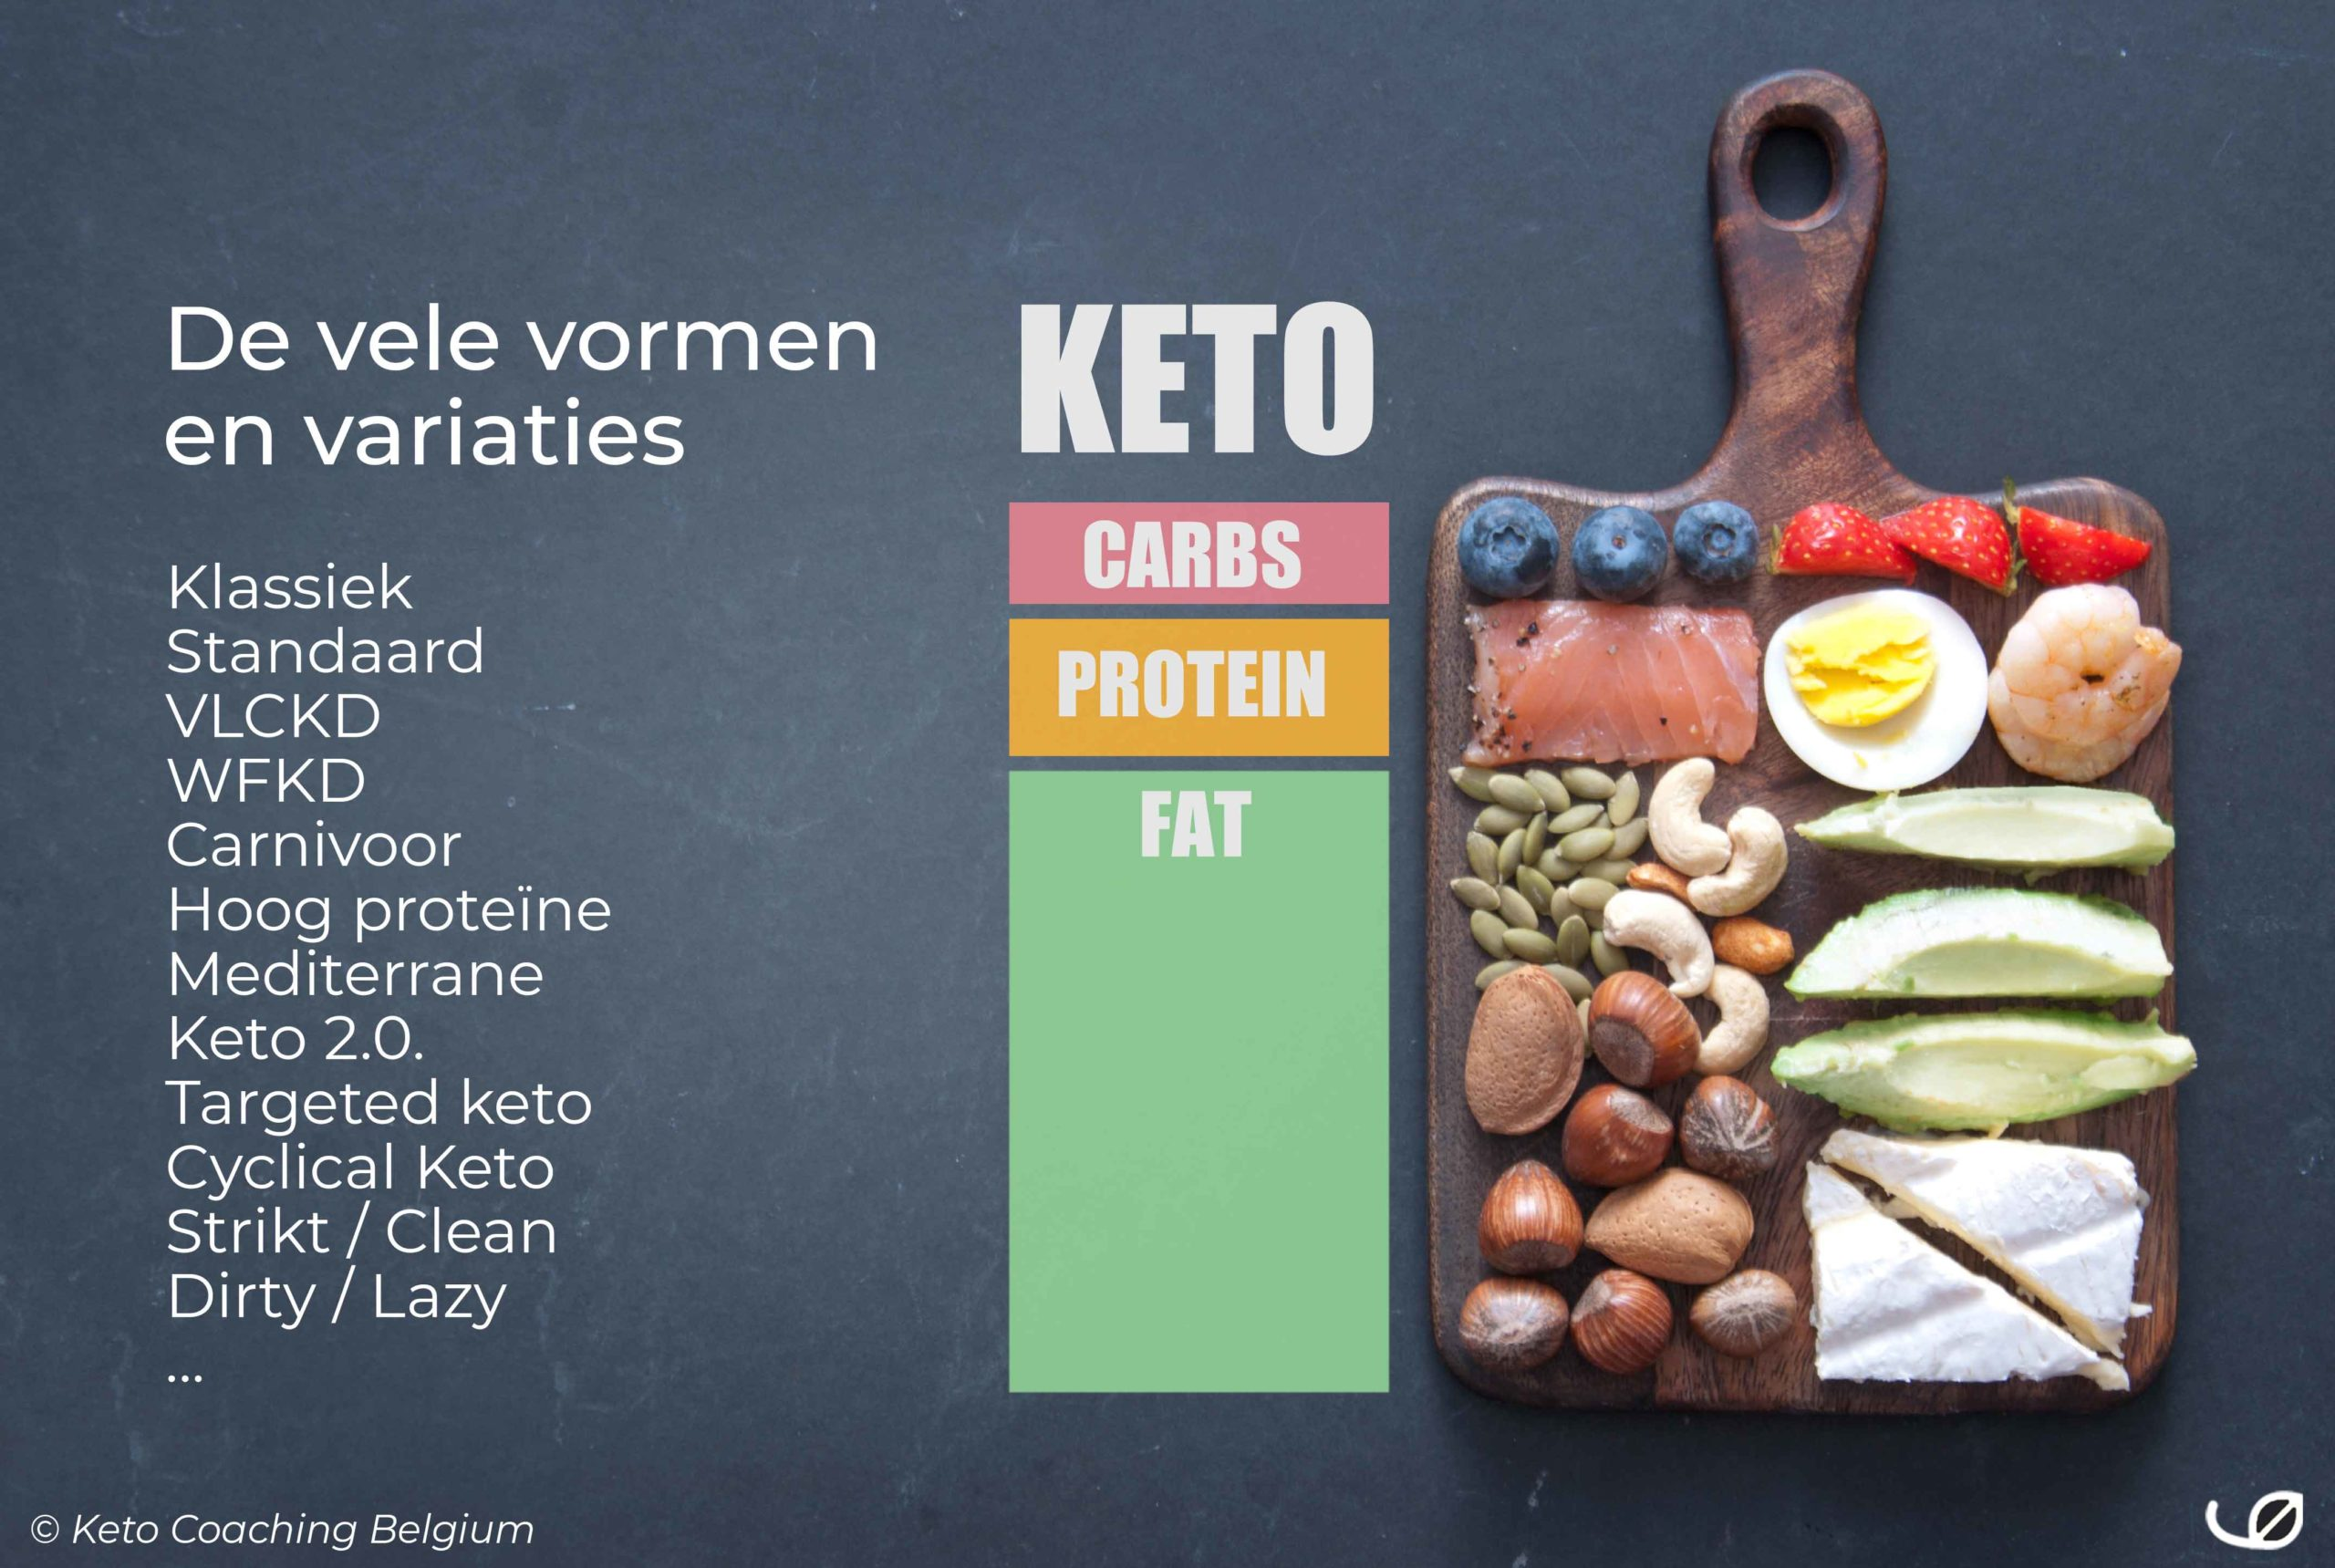 De vele vormen en variaties van keto - variaties van het ketogeen dieet